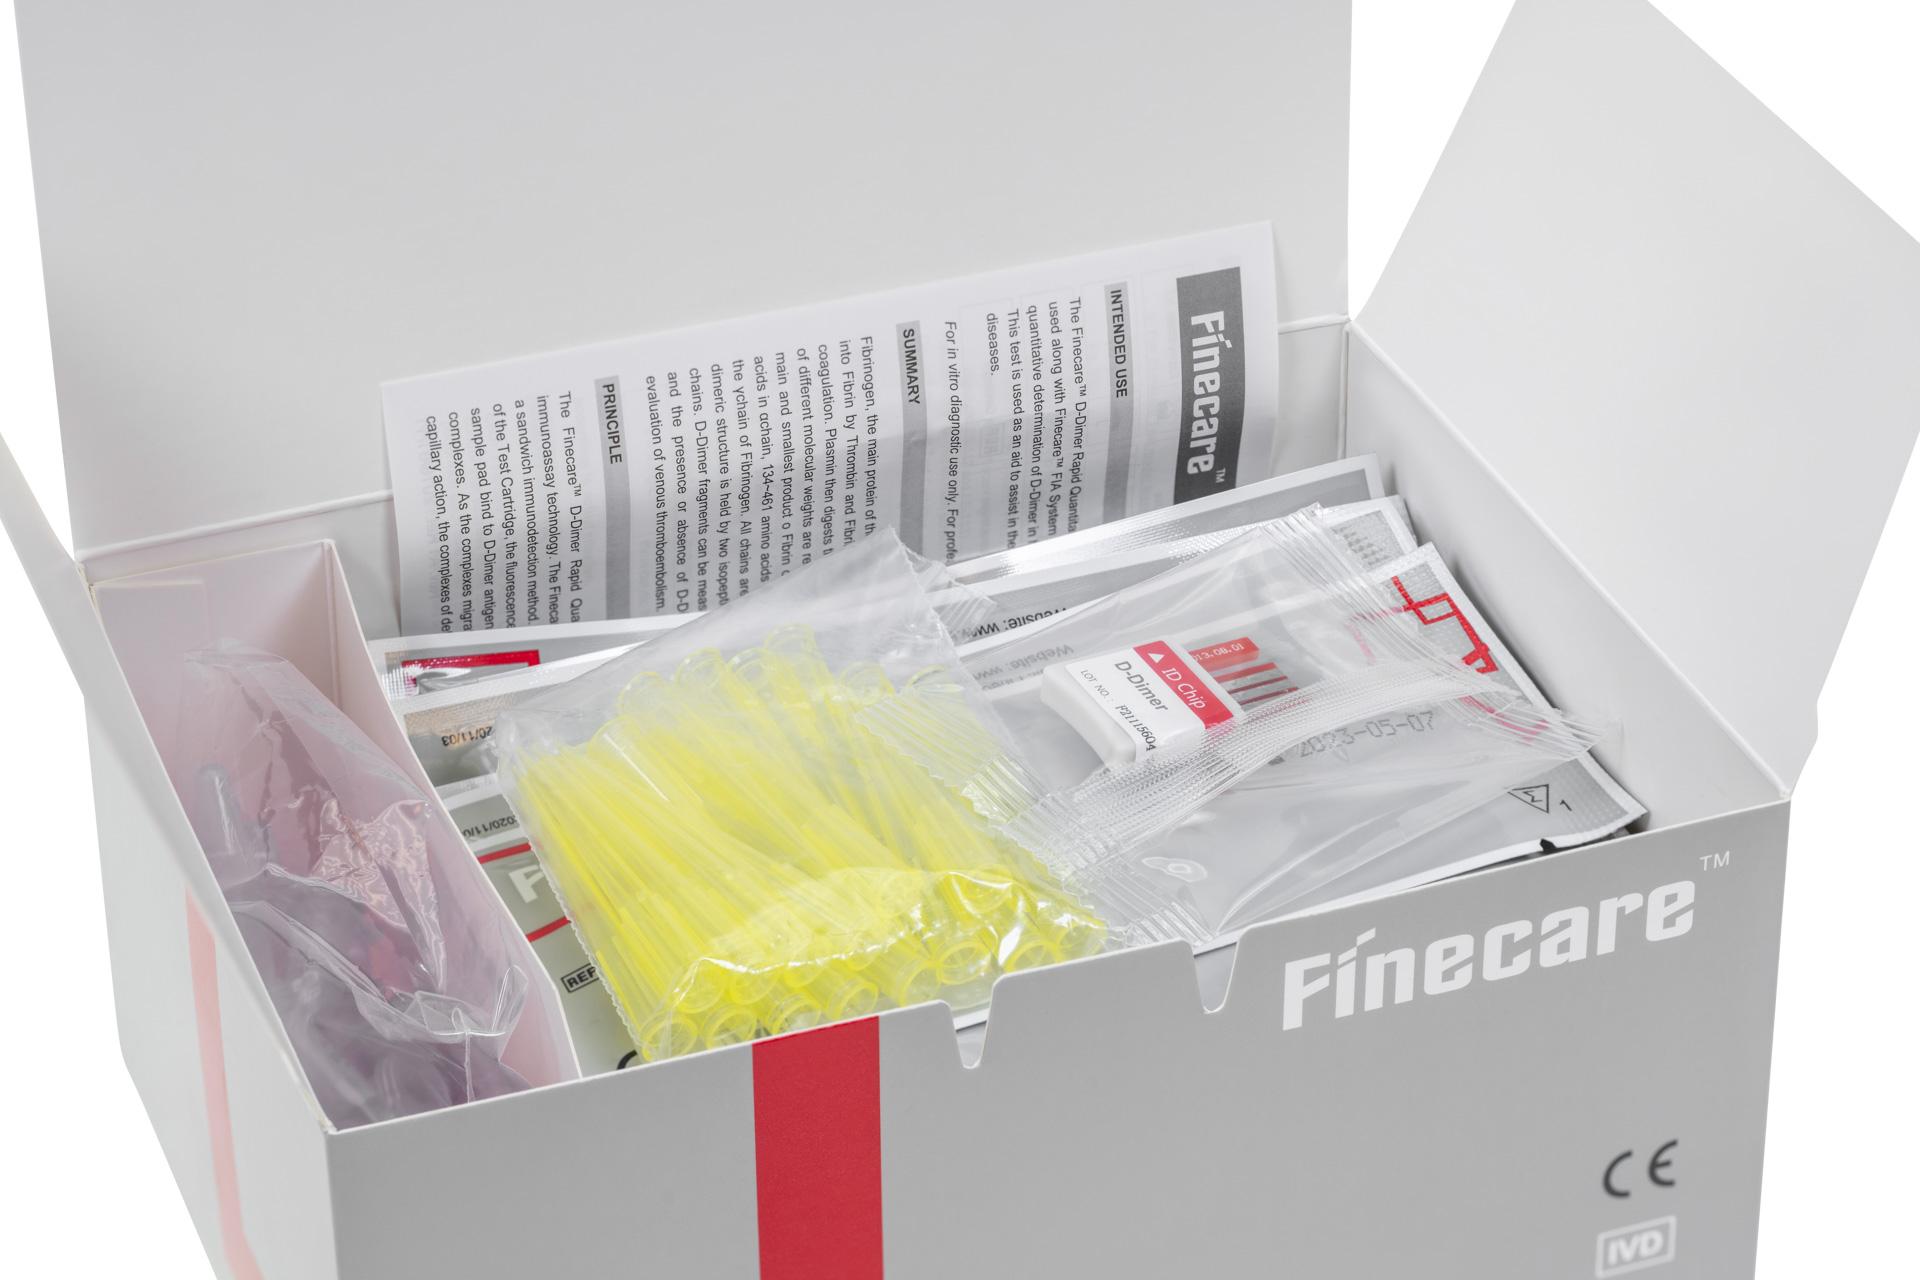 bm Finecare 9101